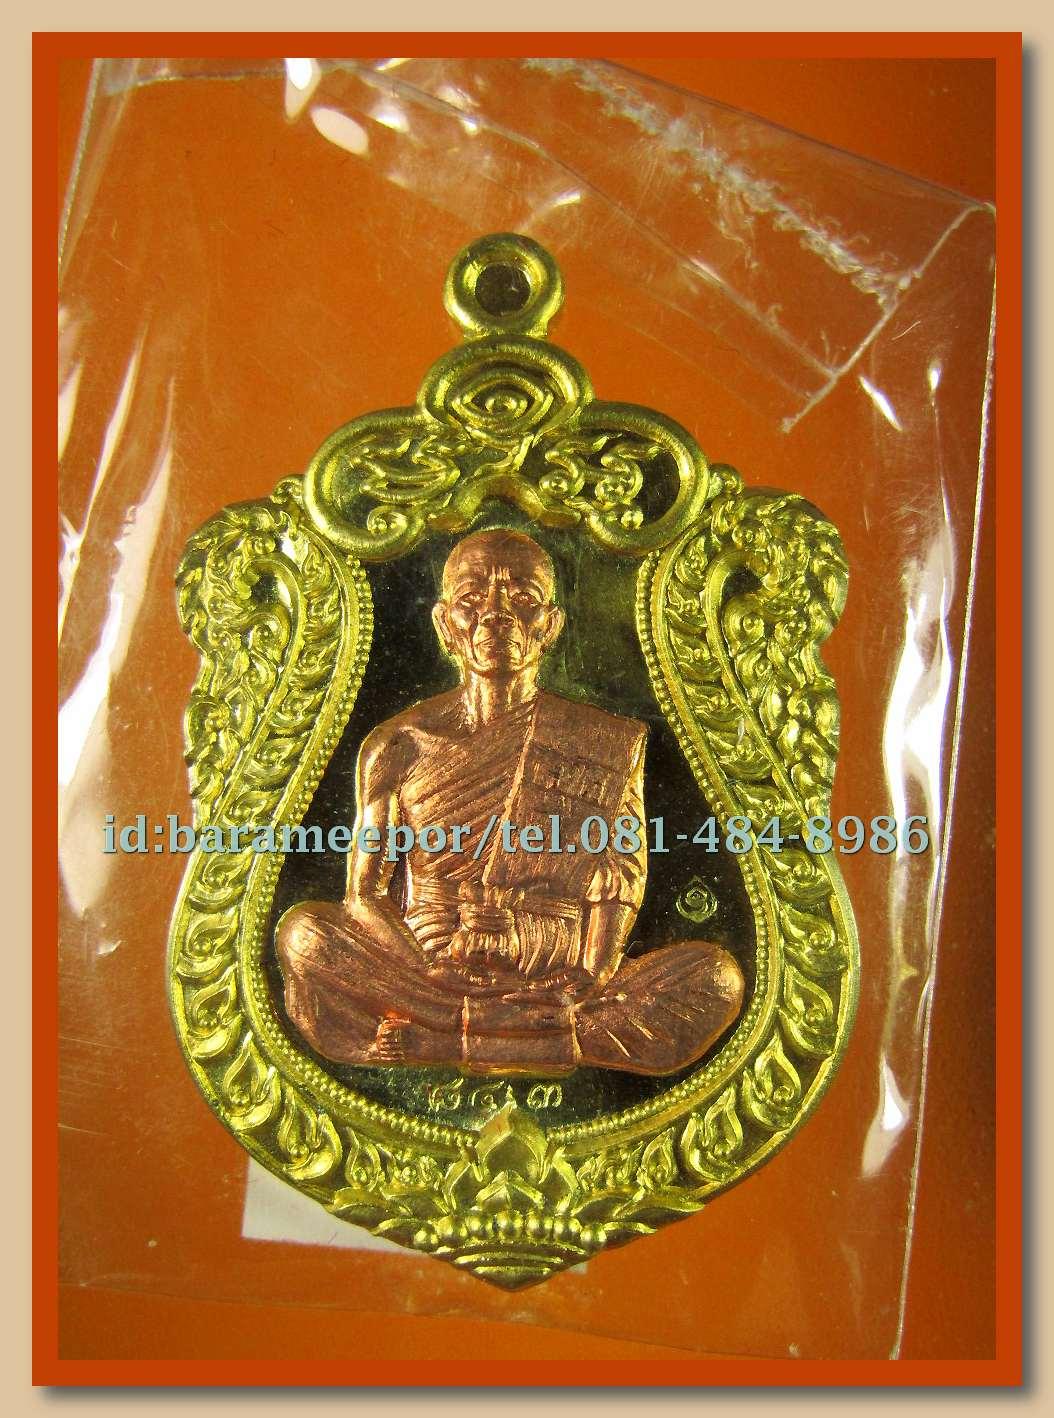 หลวงพ่อคูณ รุ่นปาฏิหาริย์ EOD เหรียญเสมา พิมพ์เต็มองค์ เนื้อทองเหลือง หน้ากากทองแดง